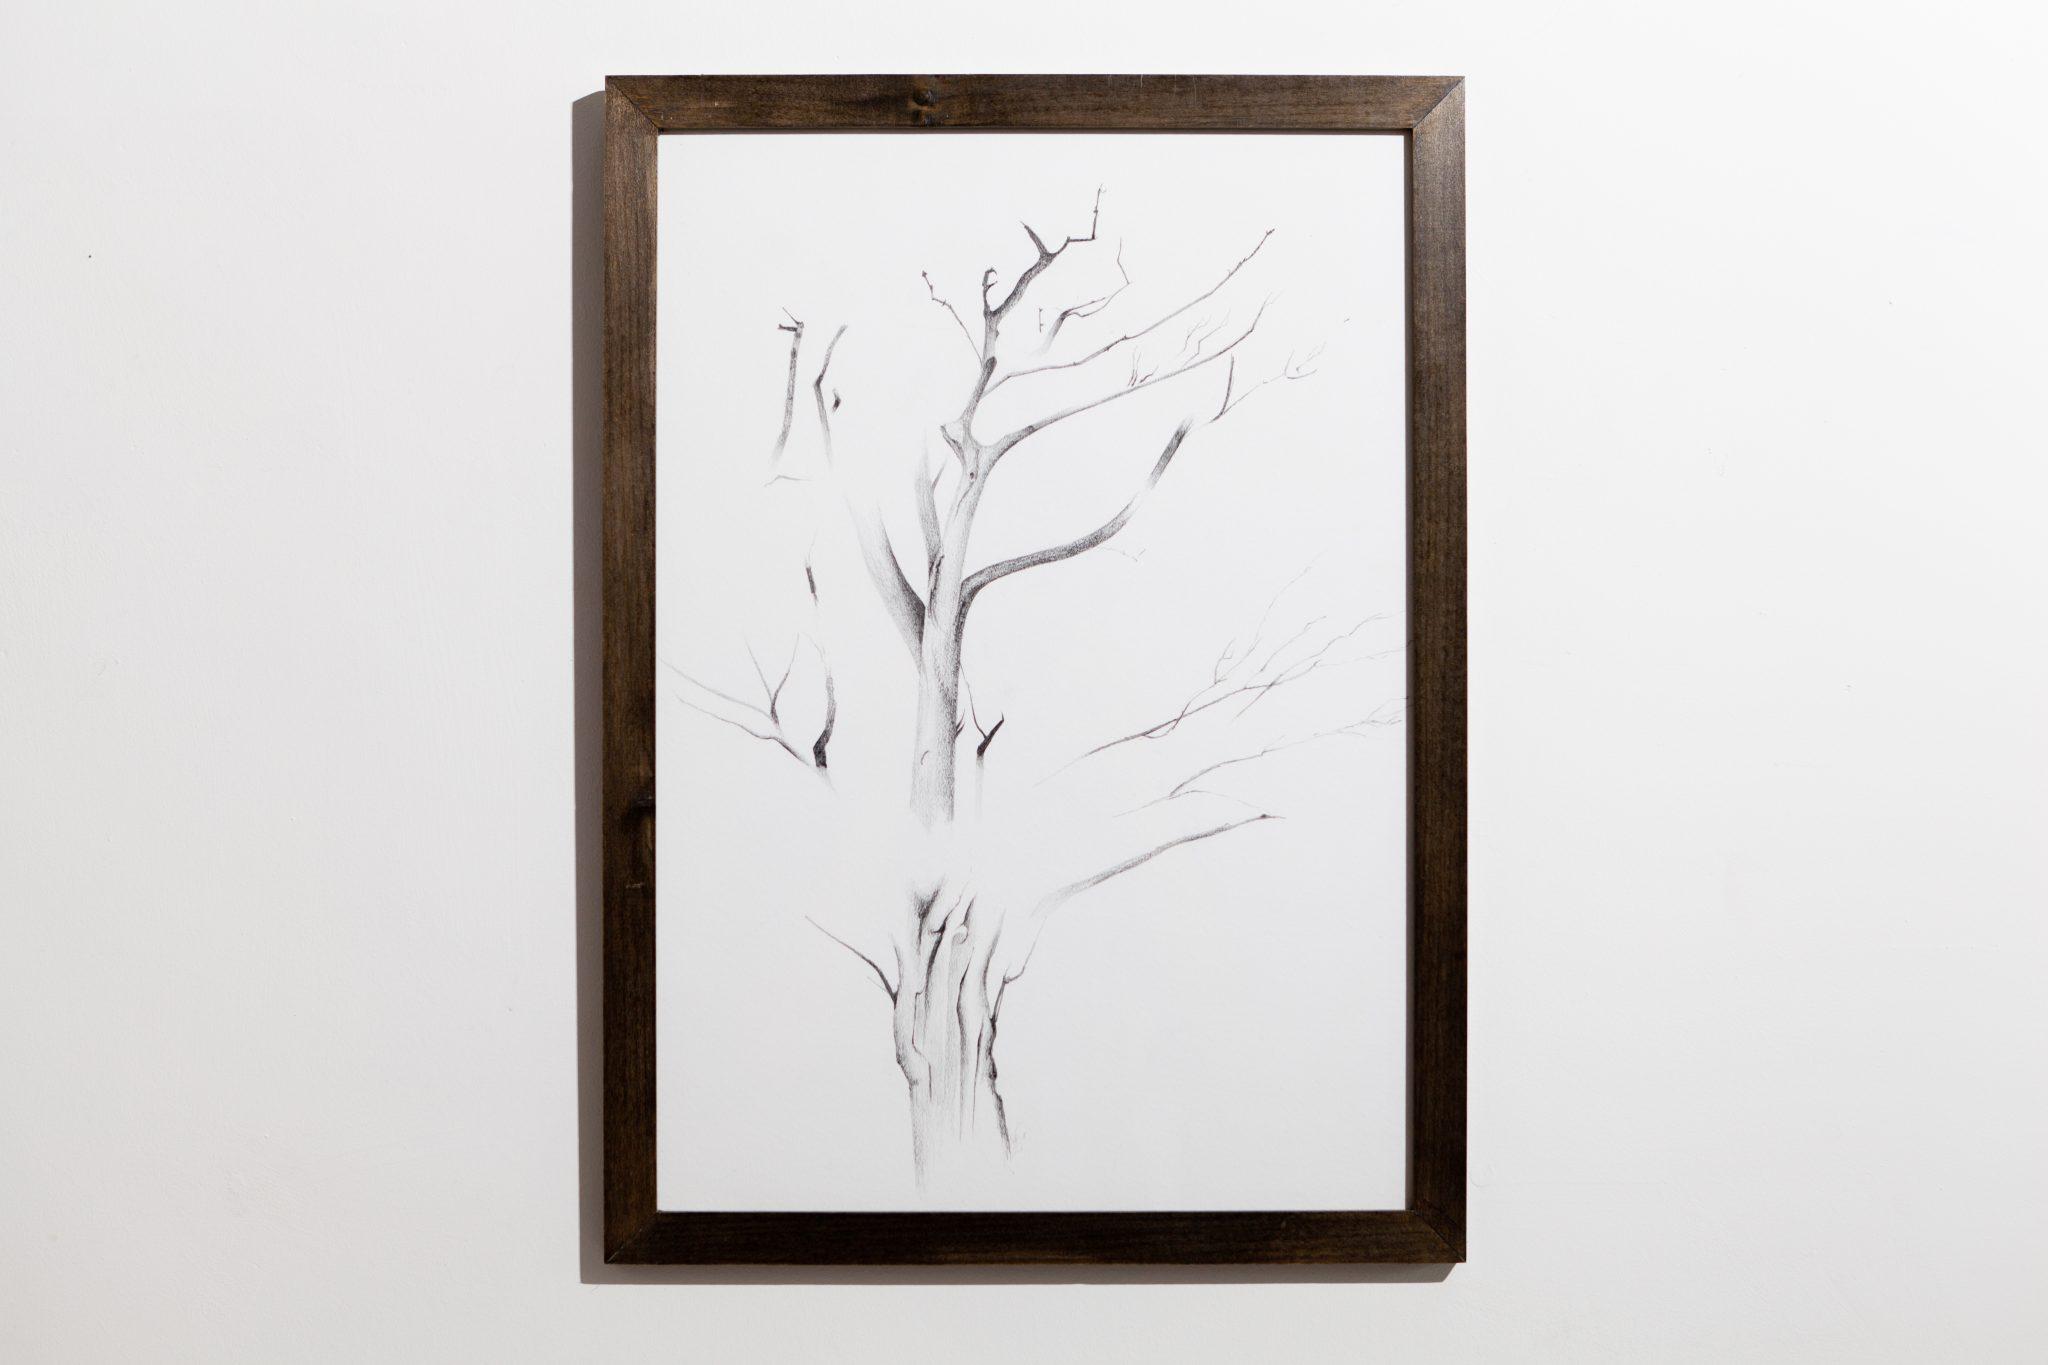 Gallihowe Tree - Pencil on paper